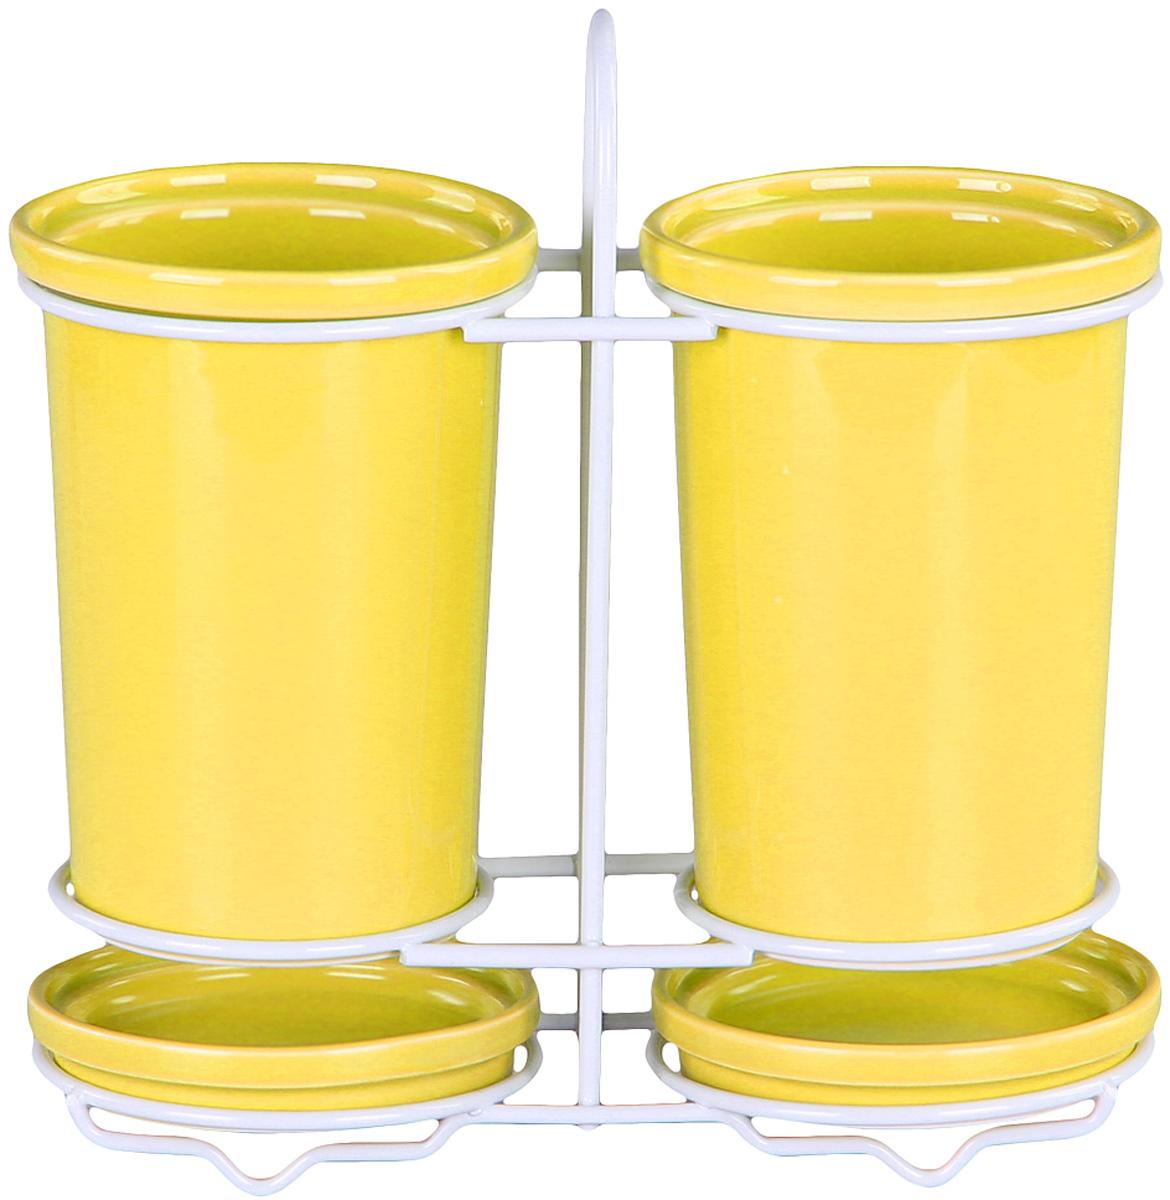 Подставка Patricia для столовых приборов. IM99-5234IM99-5234Подставка для столовых приборов и поддон выполнены из керамики, а специальный держатель из хромированной стали. Применение в производстве специальных эмалей позволяет керамике, используемой в этом изделии, соперничать по своим эстетическим свойствам с фарфором. Поддон для сбора воды легко мыть благодаря удобной конструкции держателя.